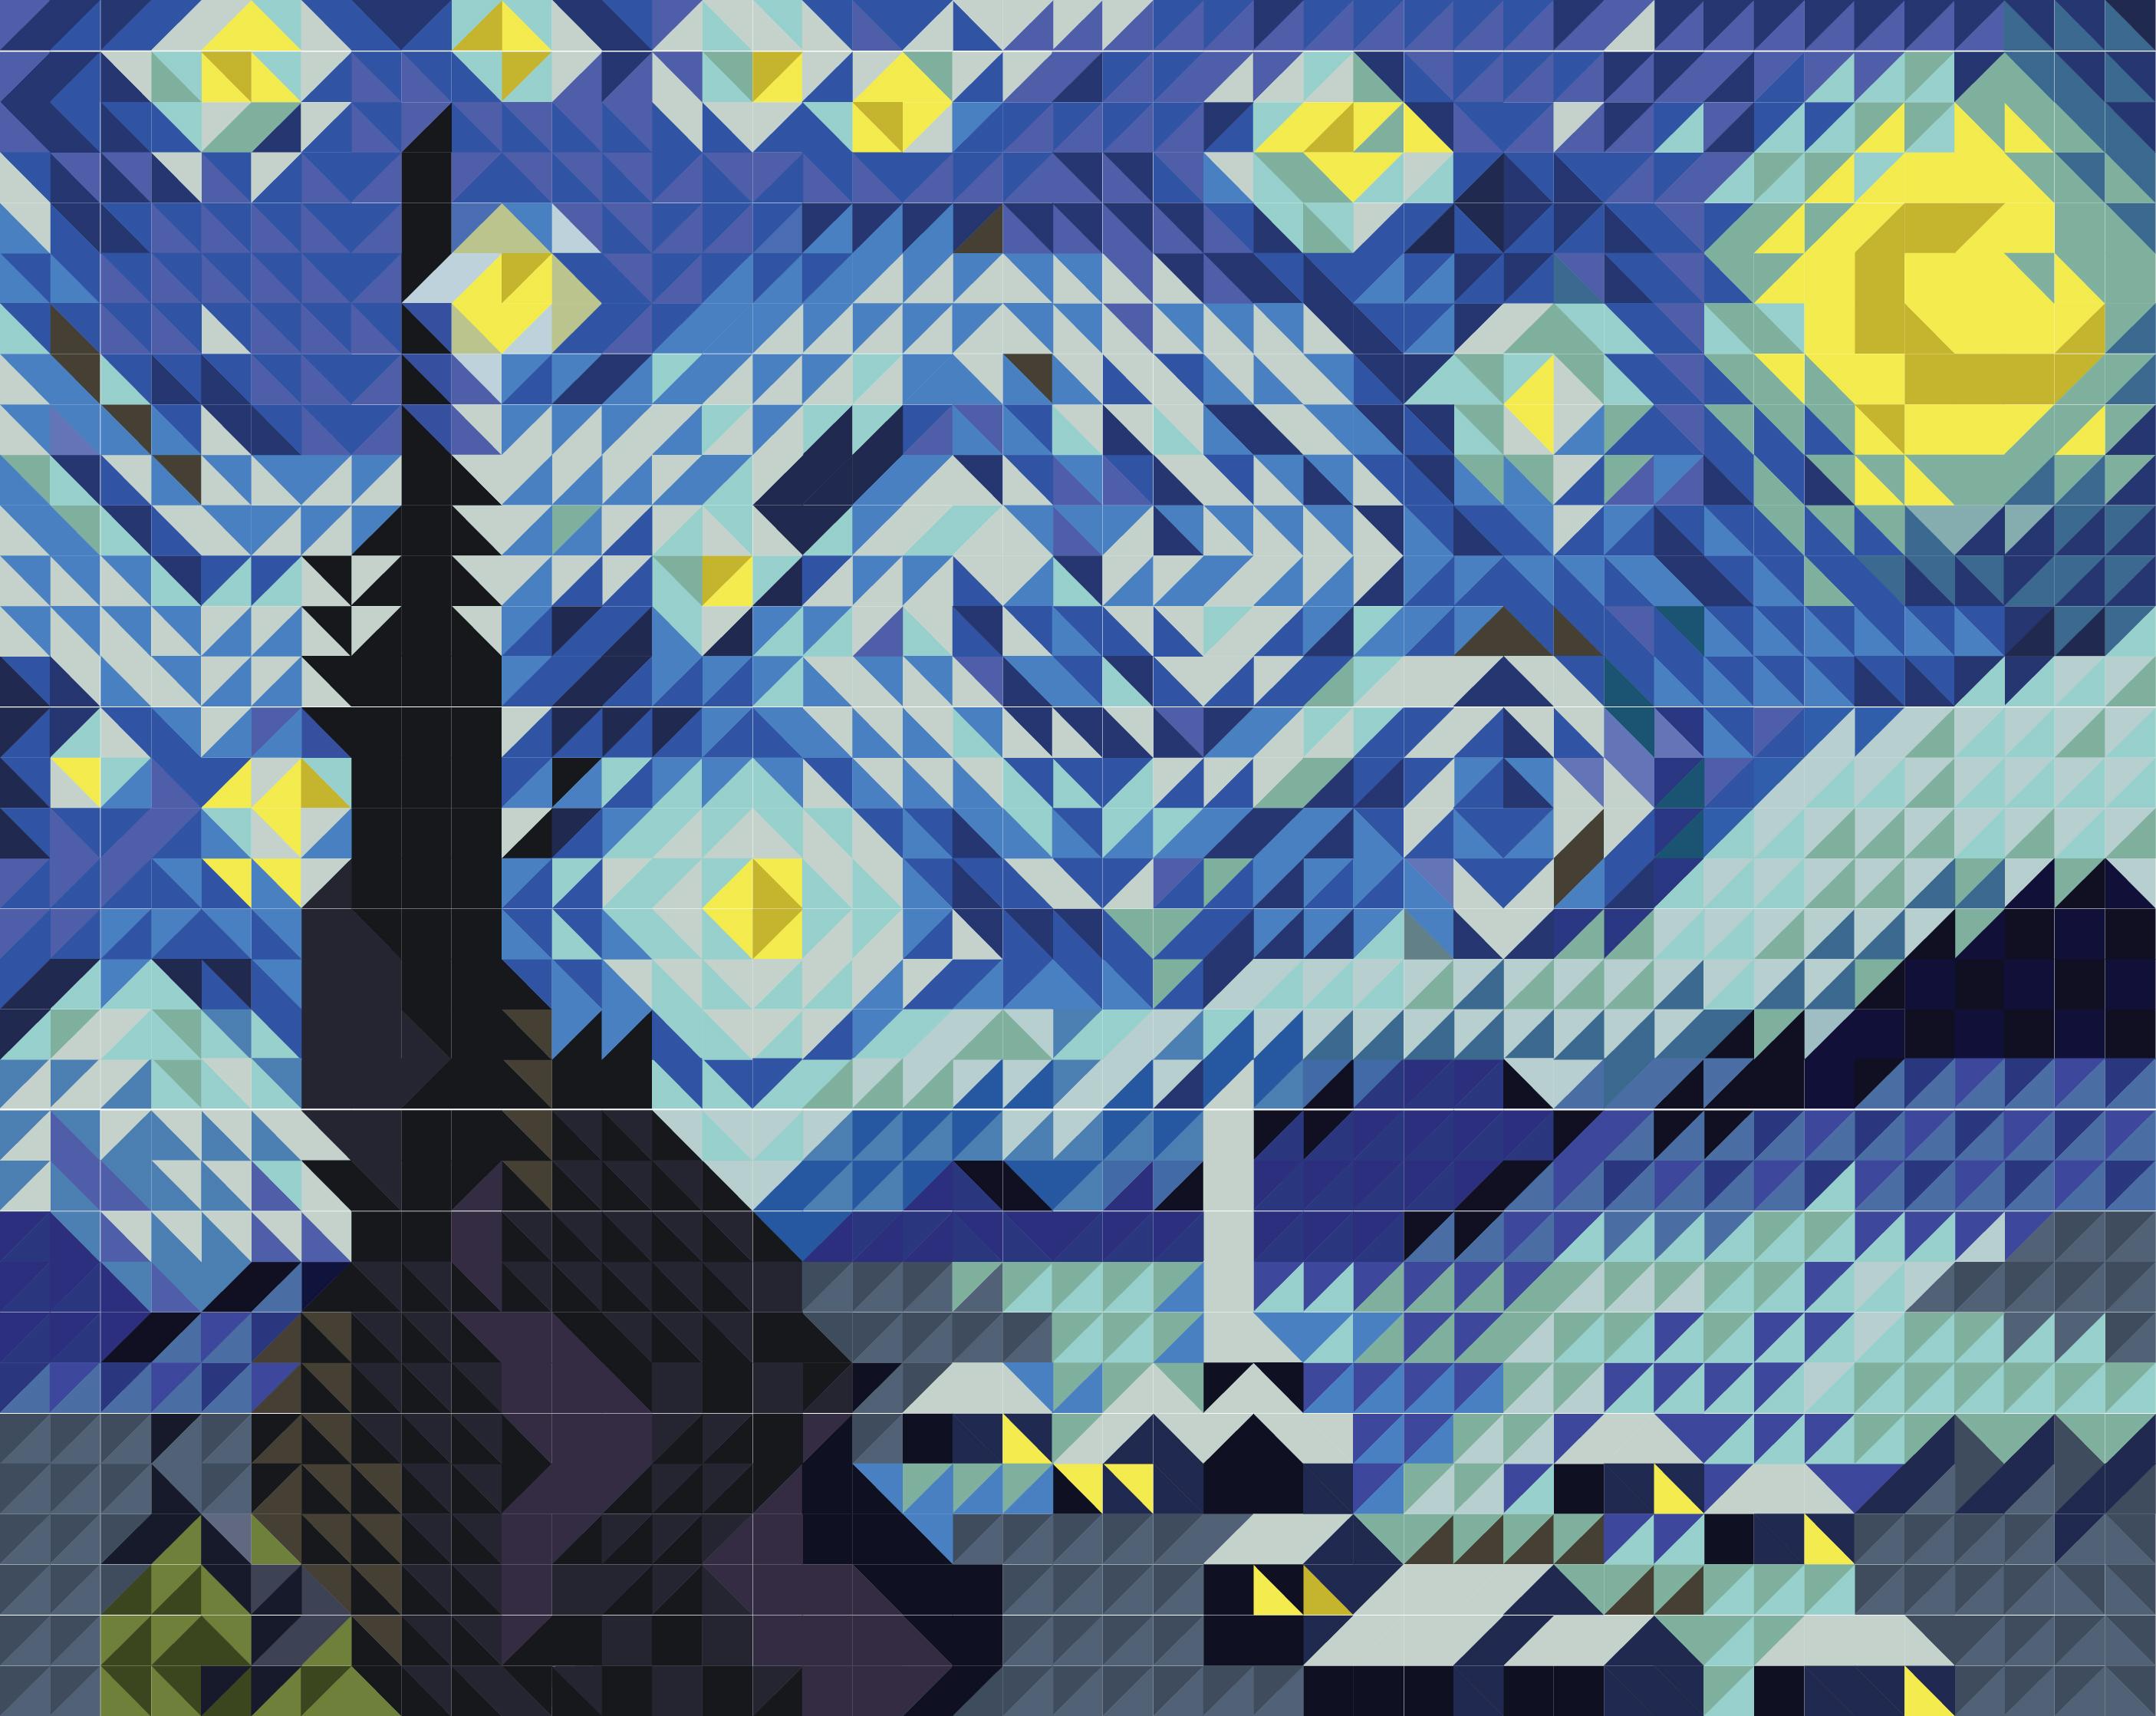 Quilt Pattern: Van Gogh's StarryNight